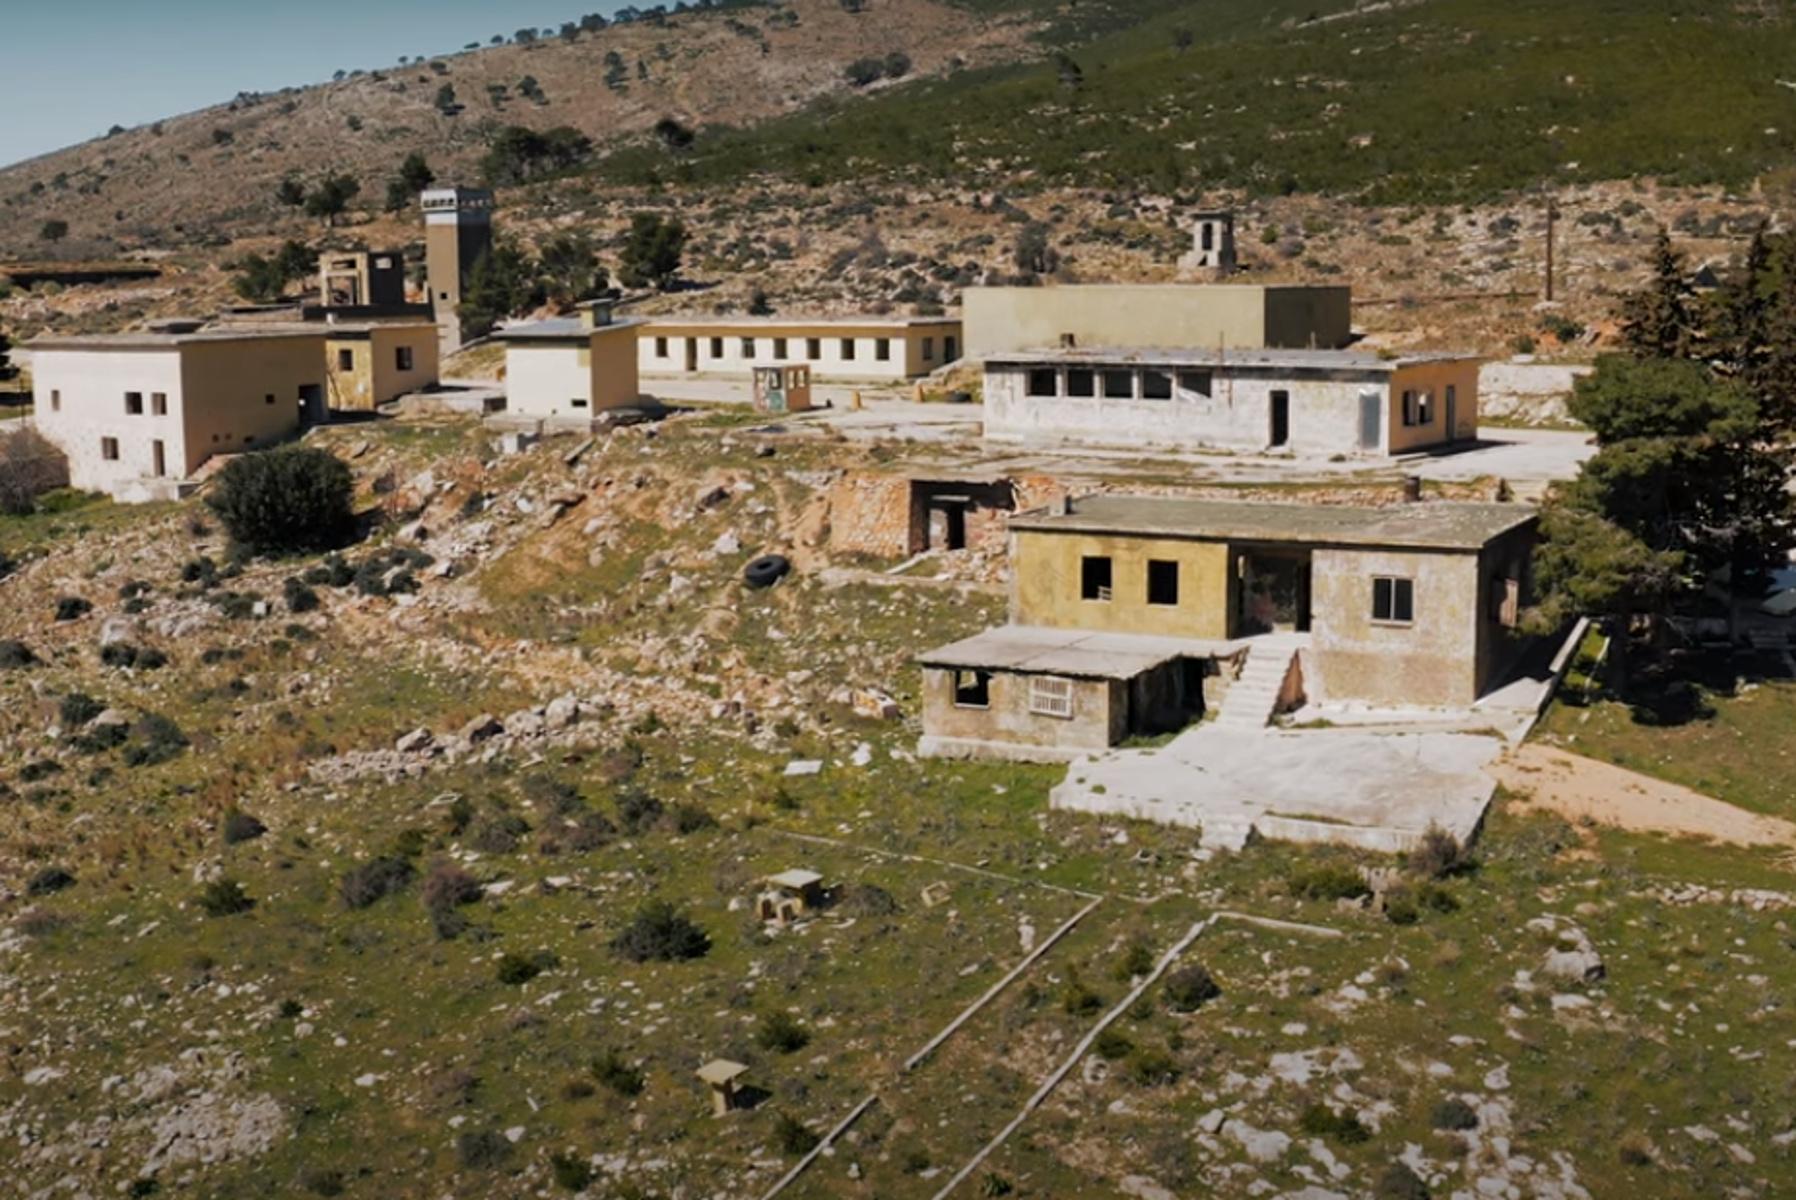 Φυλακές Αττικής: Από τον Κορυδαλλό στον Ασπρόπυργο